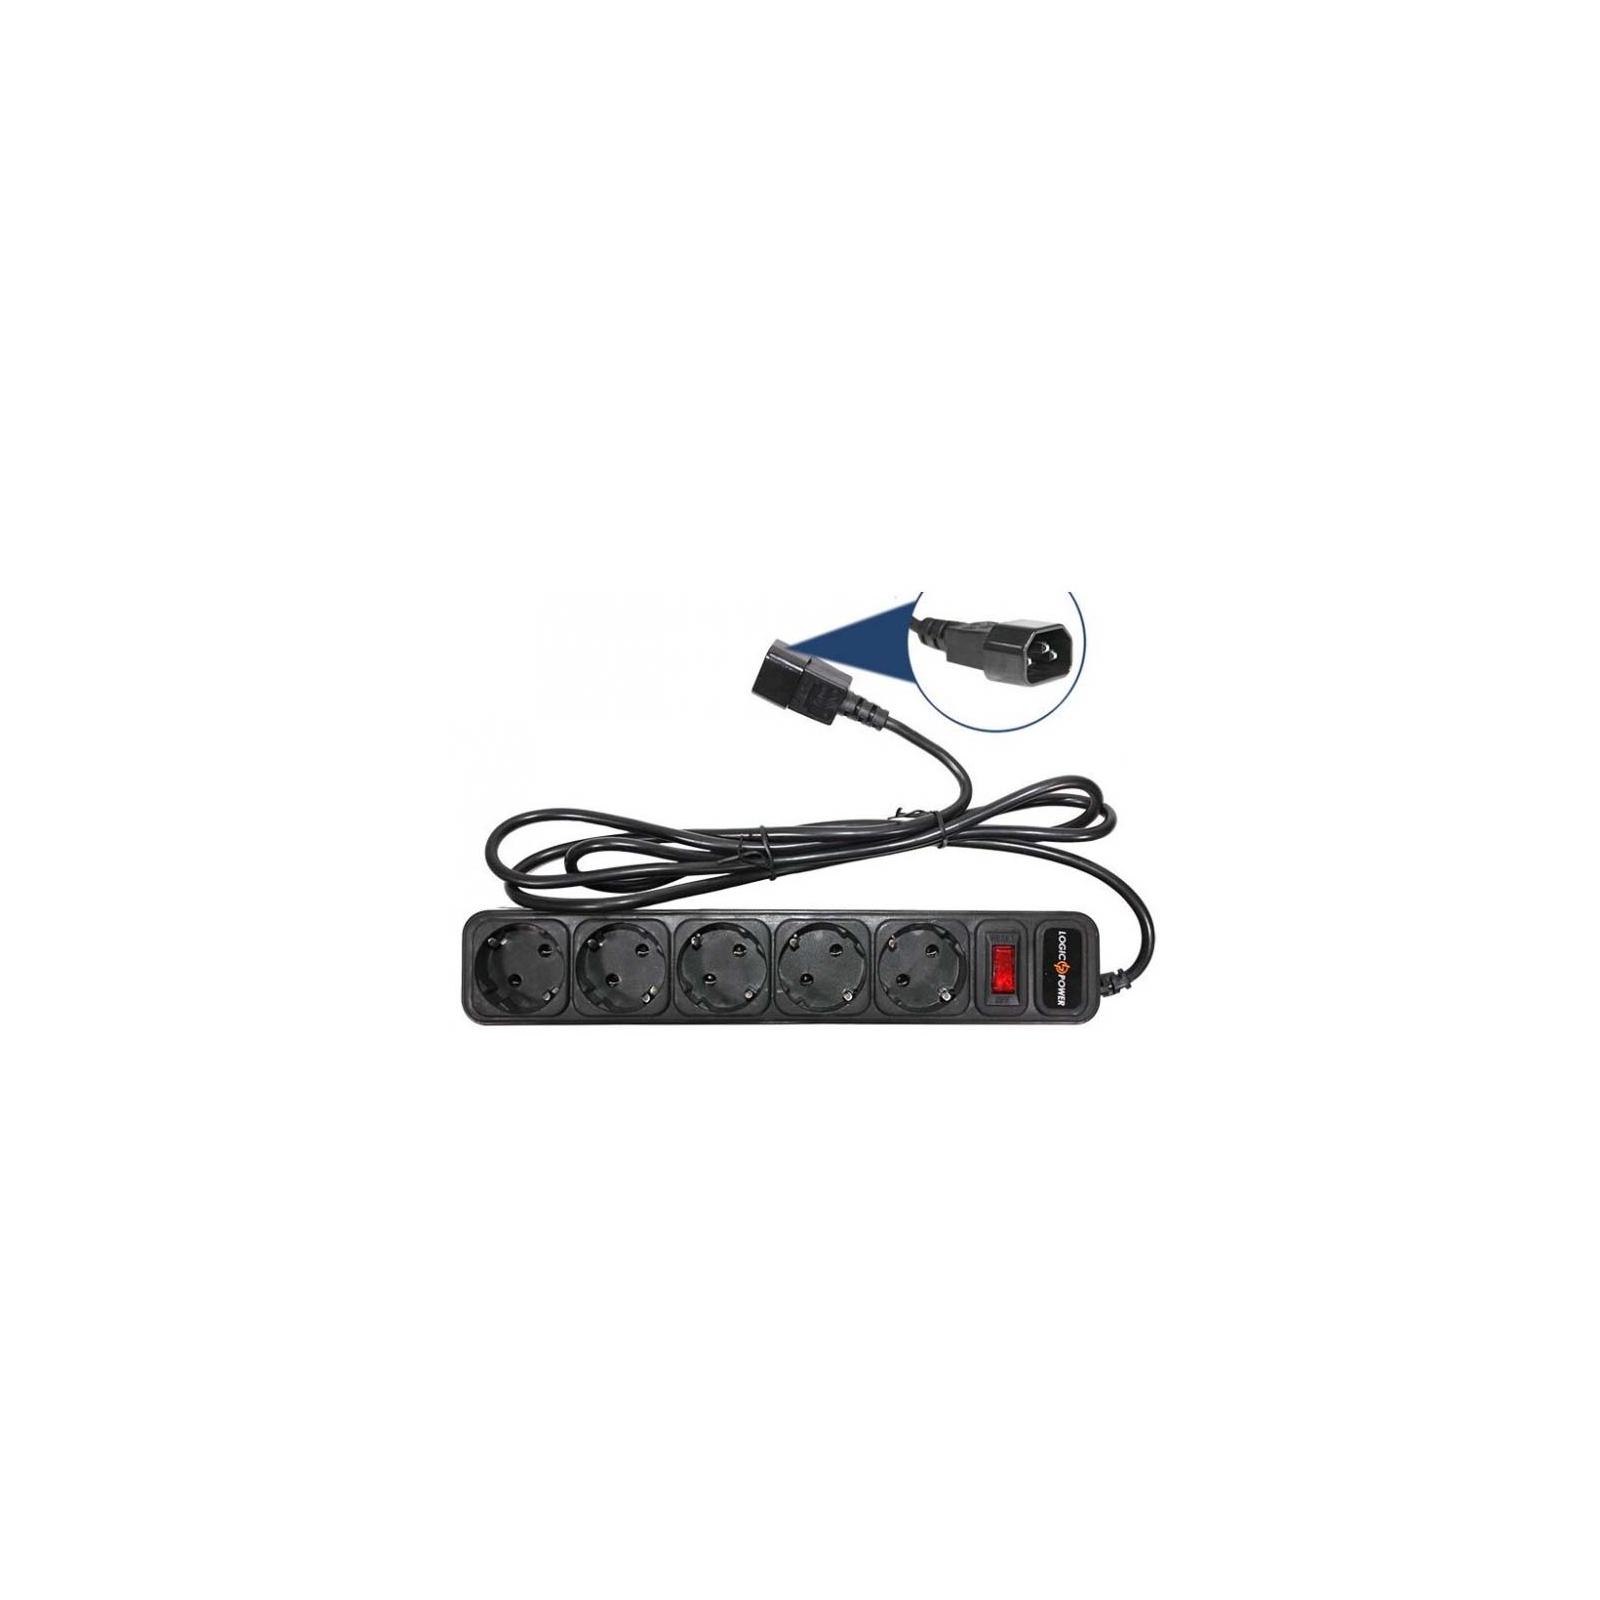 Сетевой фильтр питания LogicPower LP-X5-UPS 2.0м, 0,75mm2, 10A (2753)